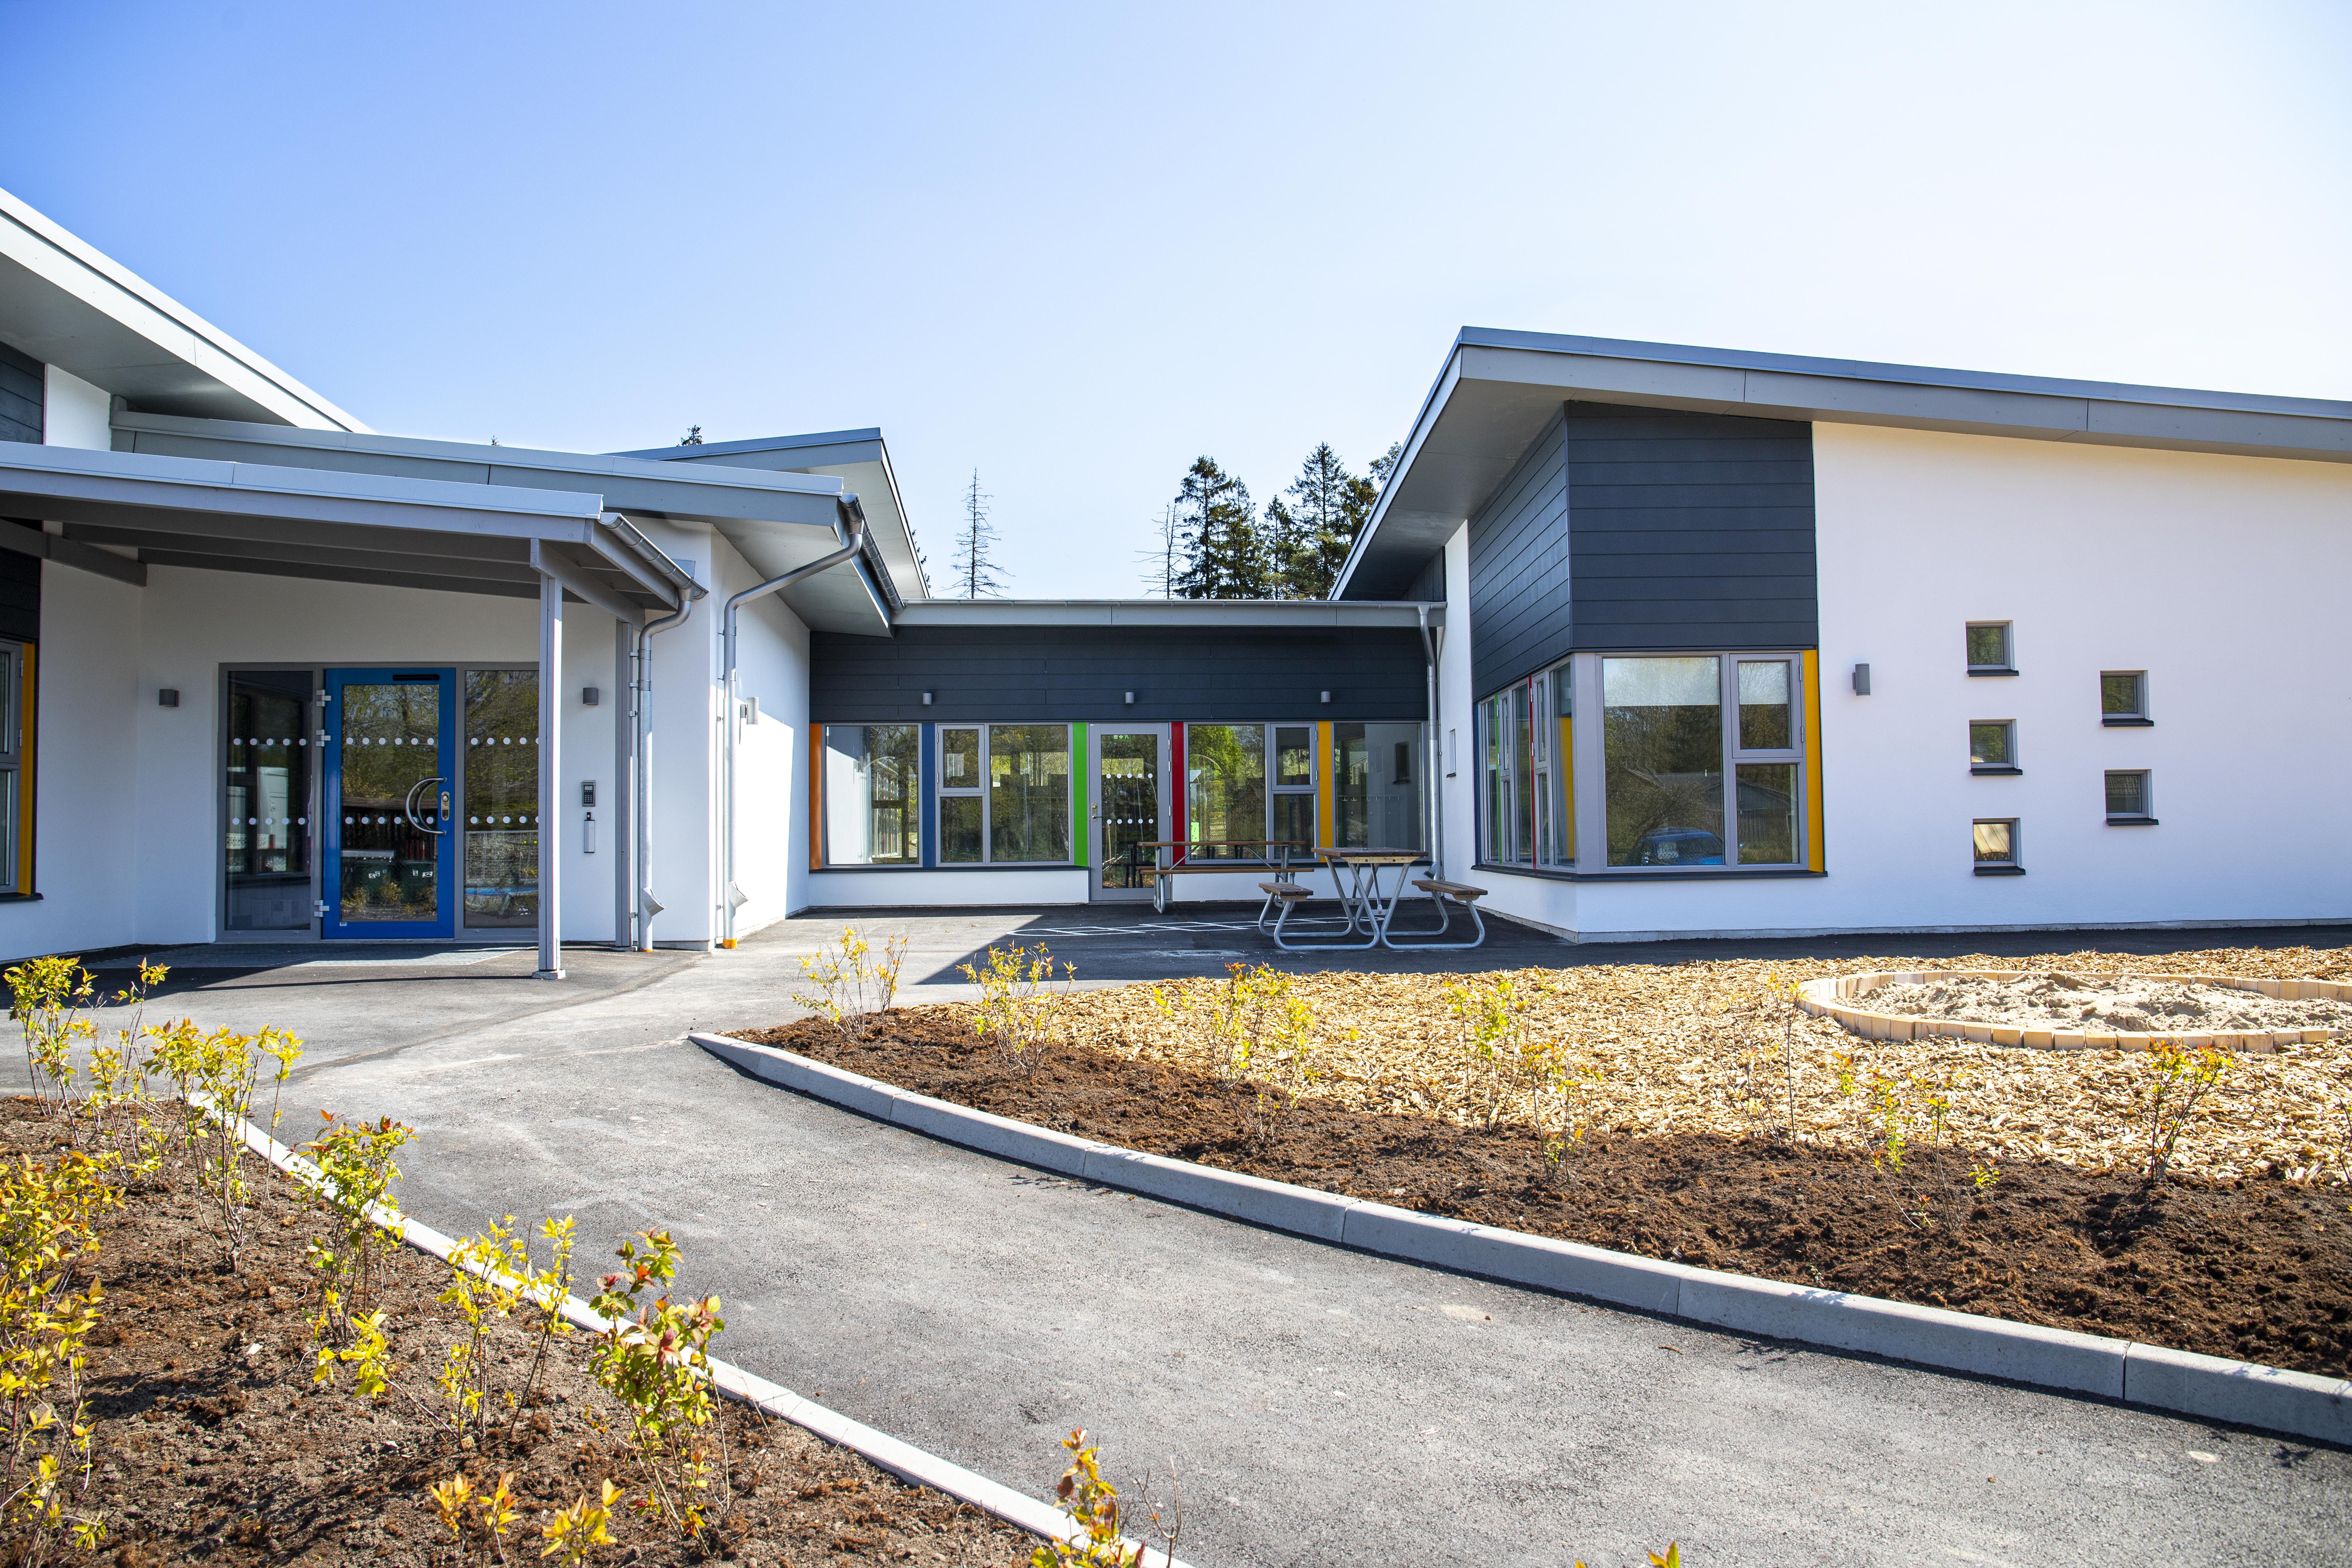 Finja levererar hållbara material för framtidens förskolor och offentliga byggnader